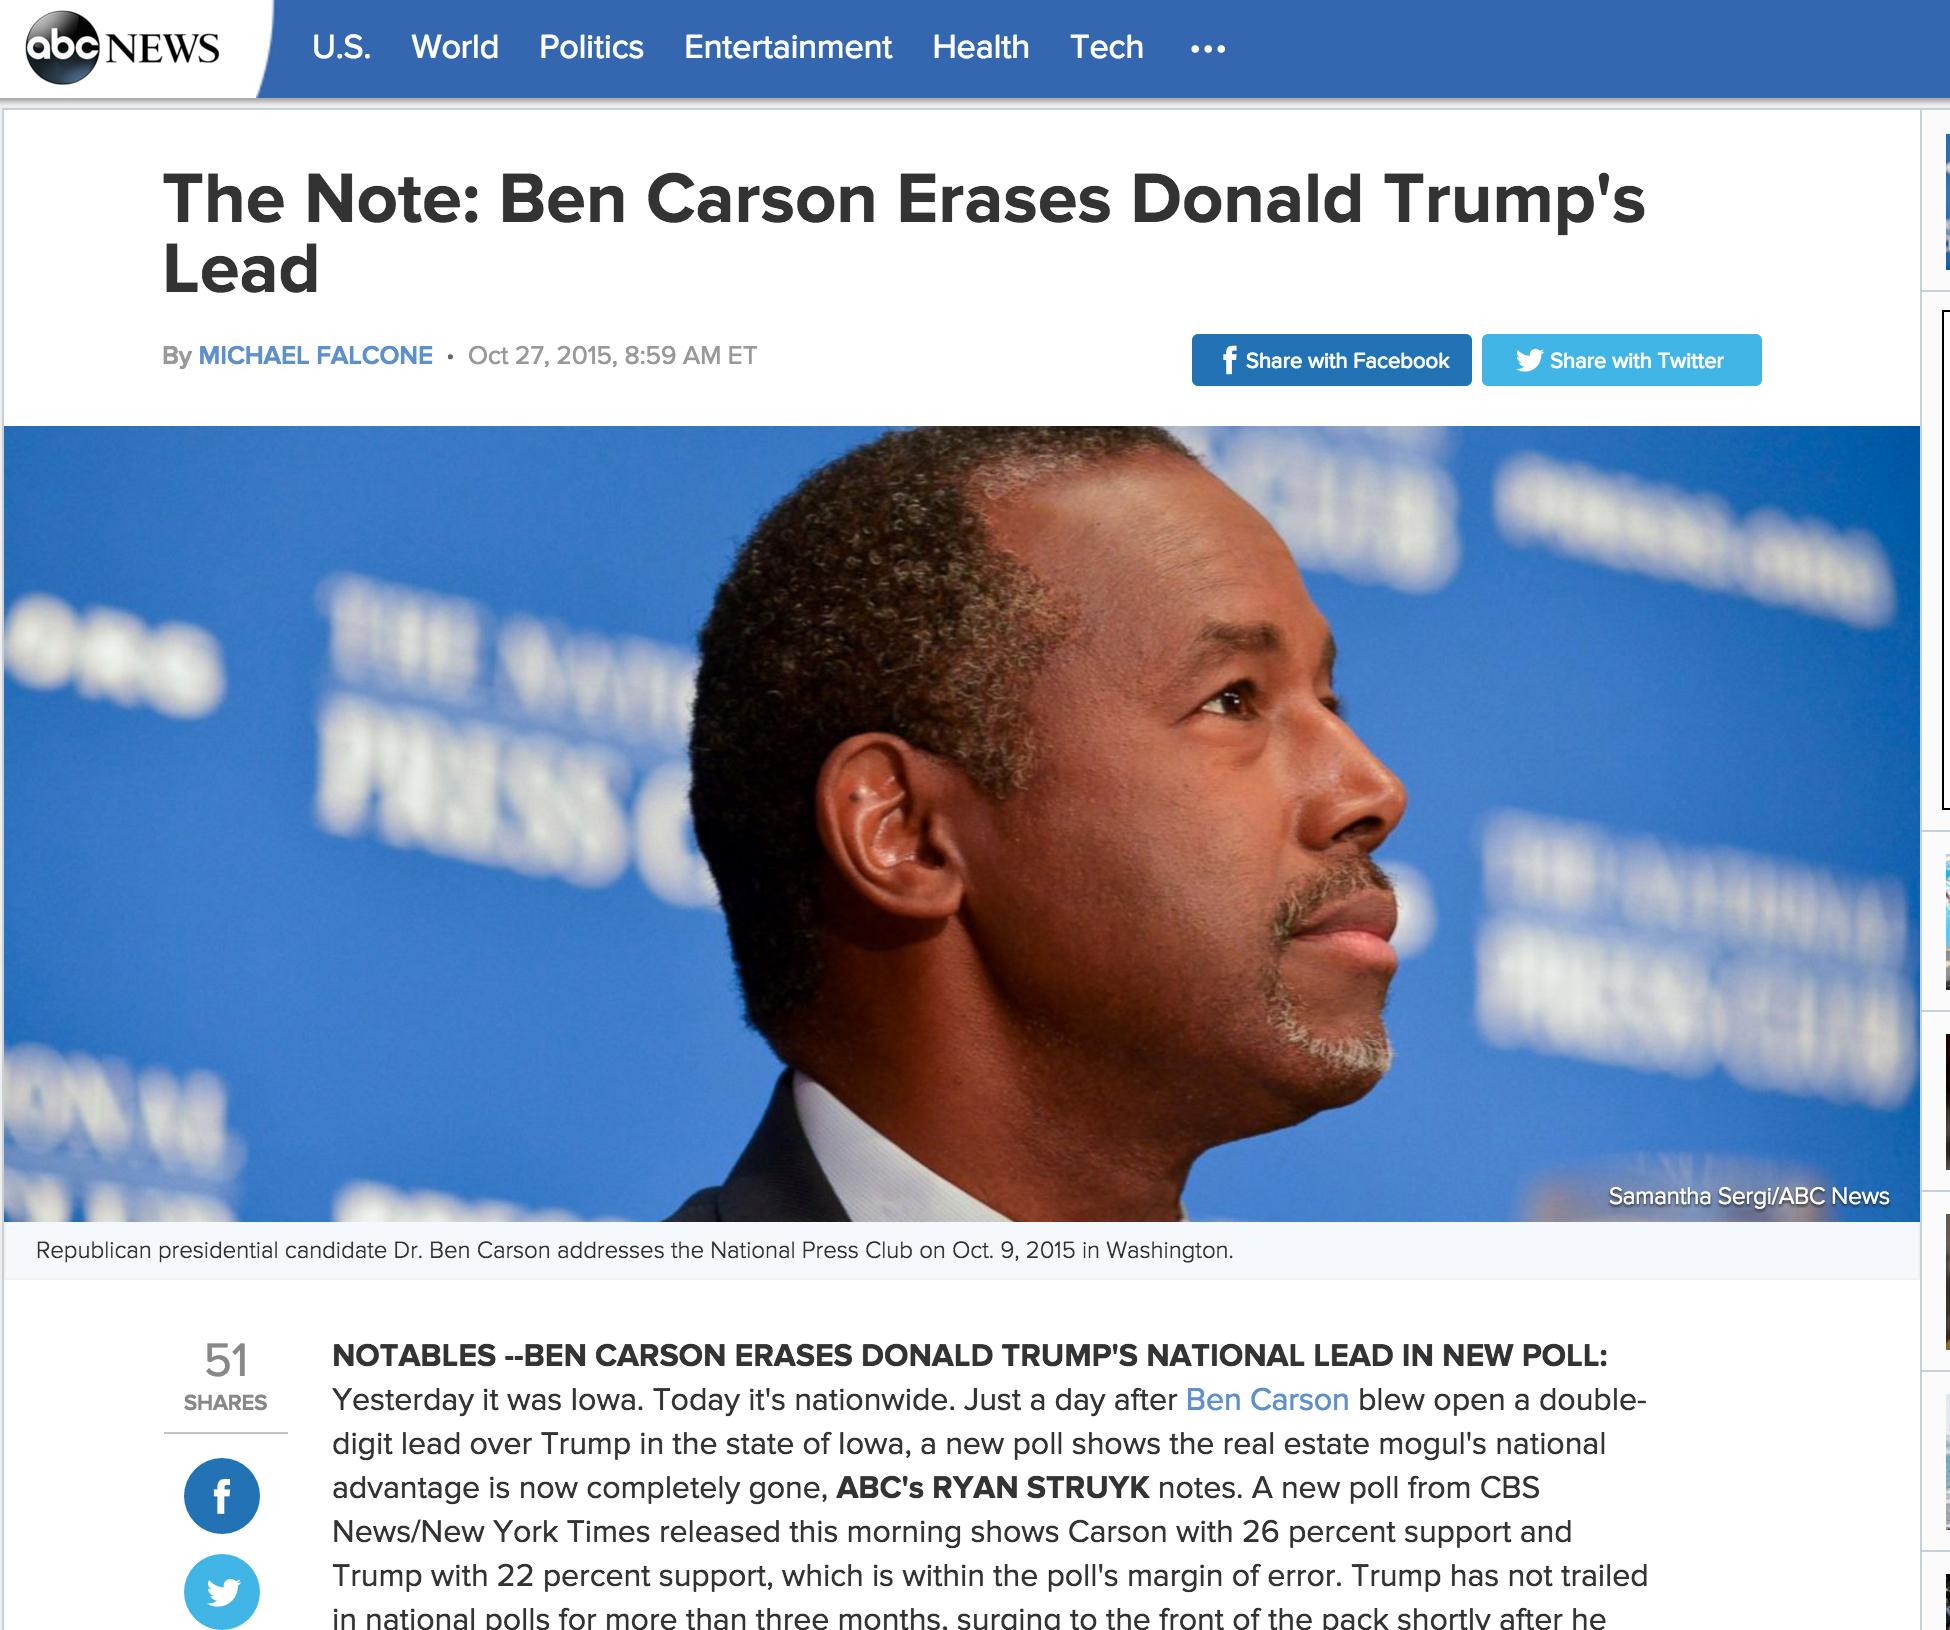 http://abcnews.go.com/Politics/note-ben-carson-pulls-ahead-donald-trump/story?id=34759942